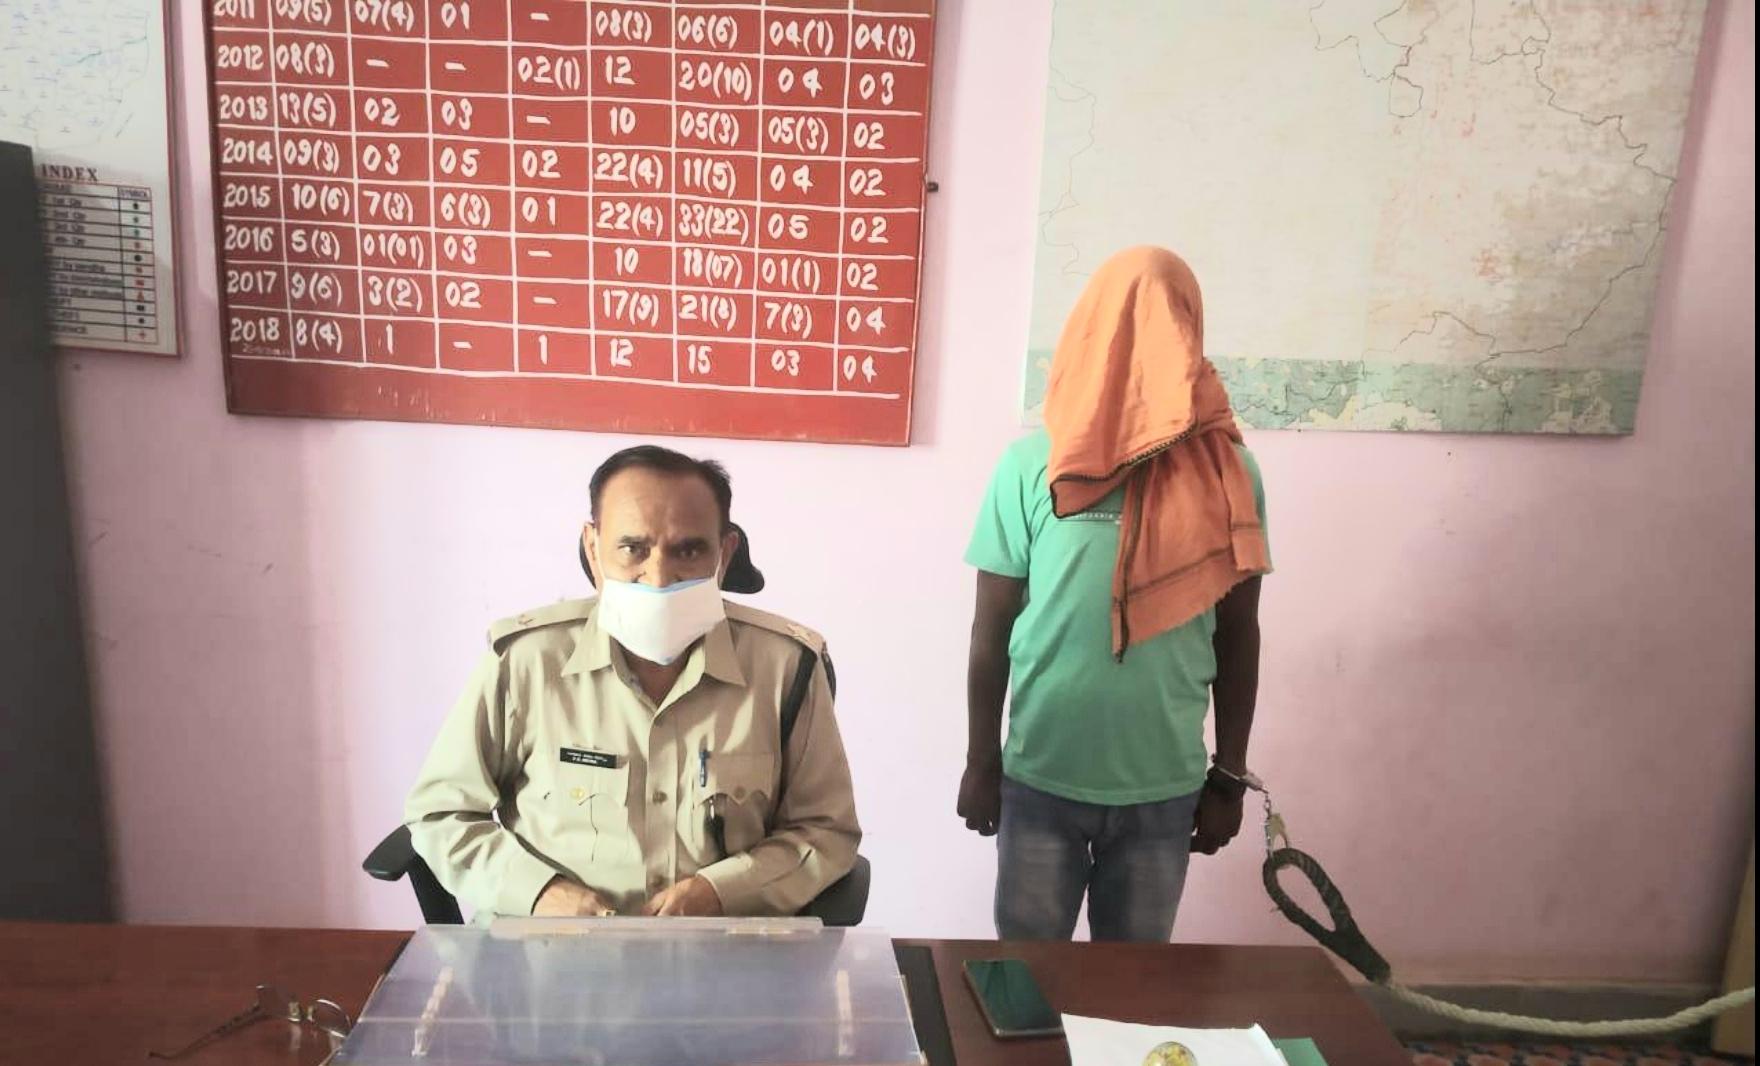 झारखंड-बिहार का मोस्ट वांटेड नक्सली गिरफ्तार, कई नक्सली वारदातों का है आरोपी